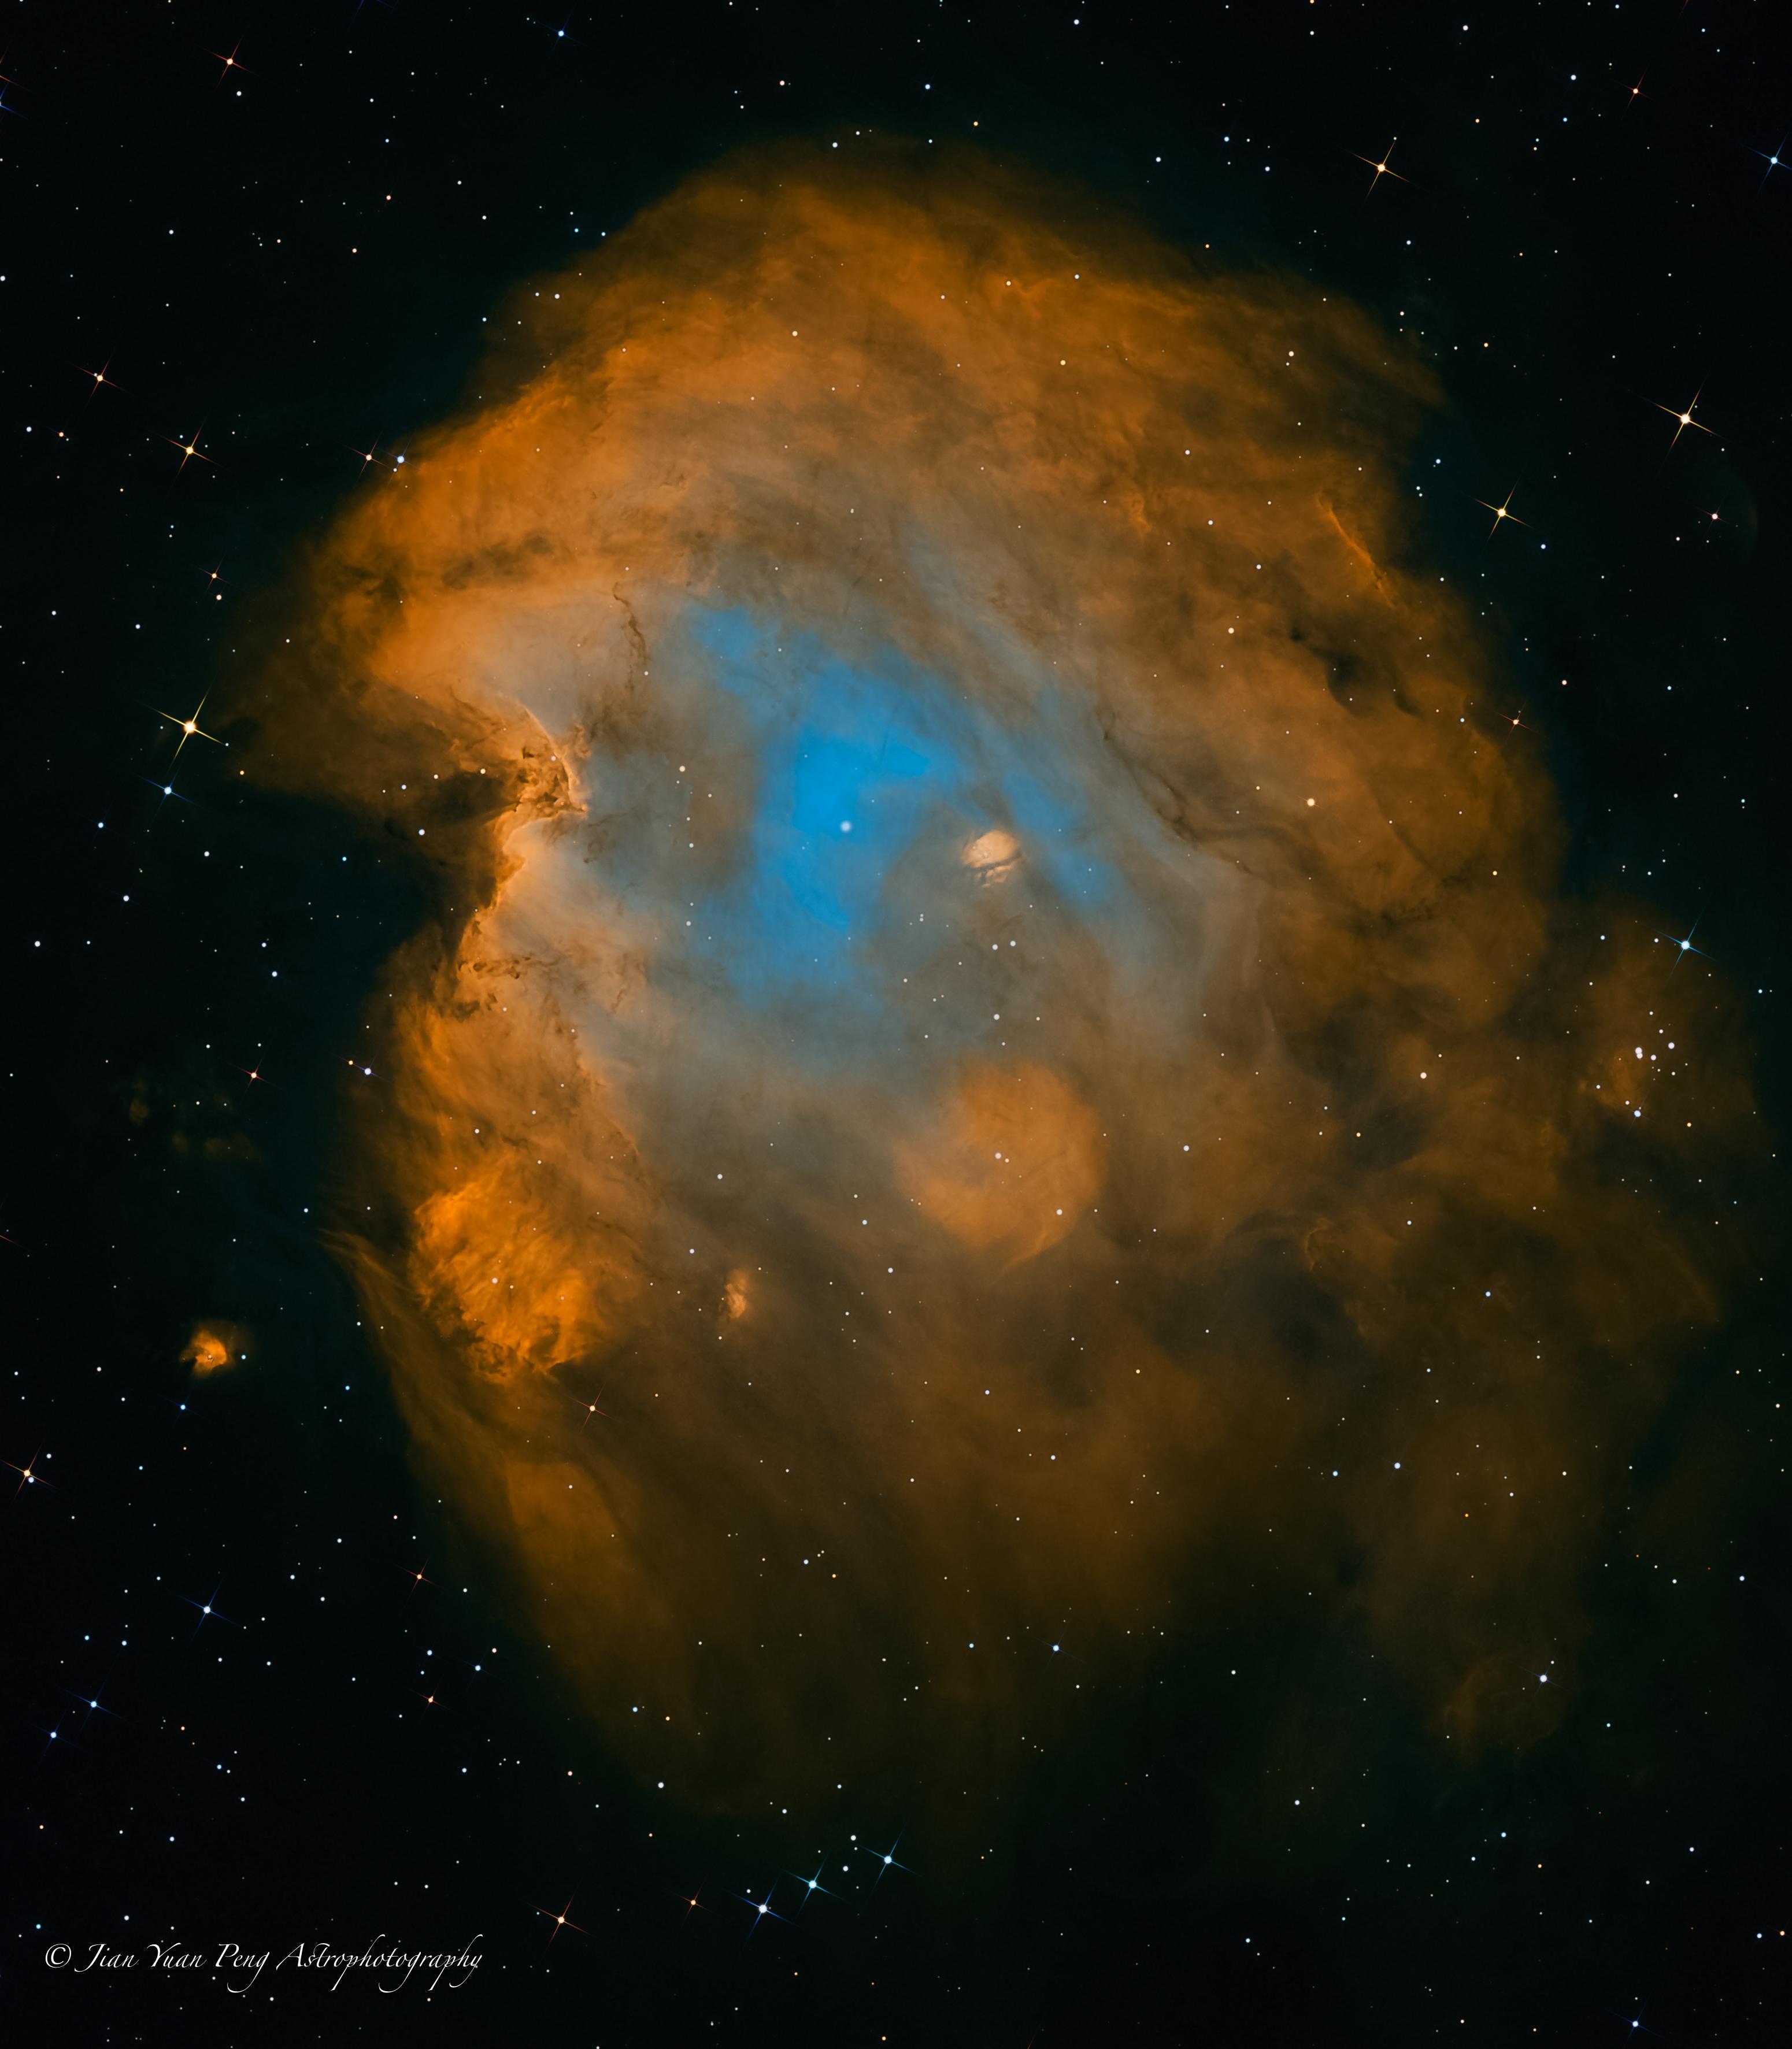 NGC2174 (Monkey Head Nebula) SHO + RGB stars,                                Jian Yuan Peng